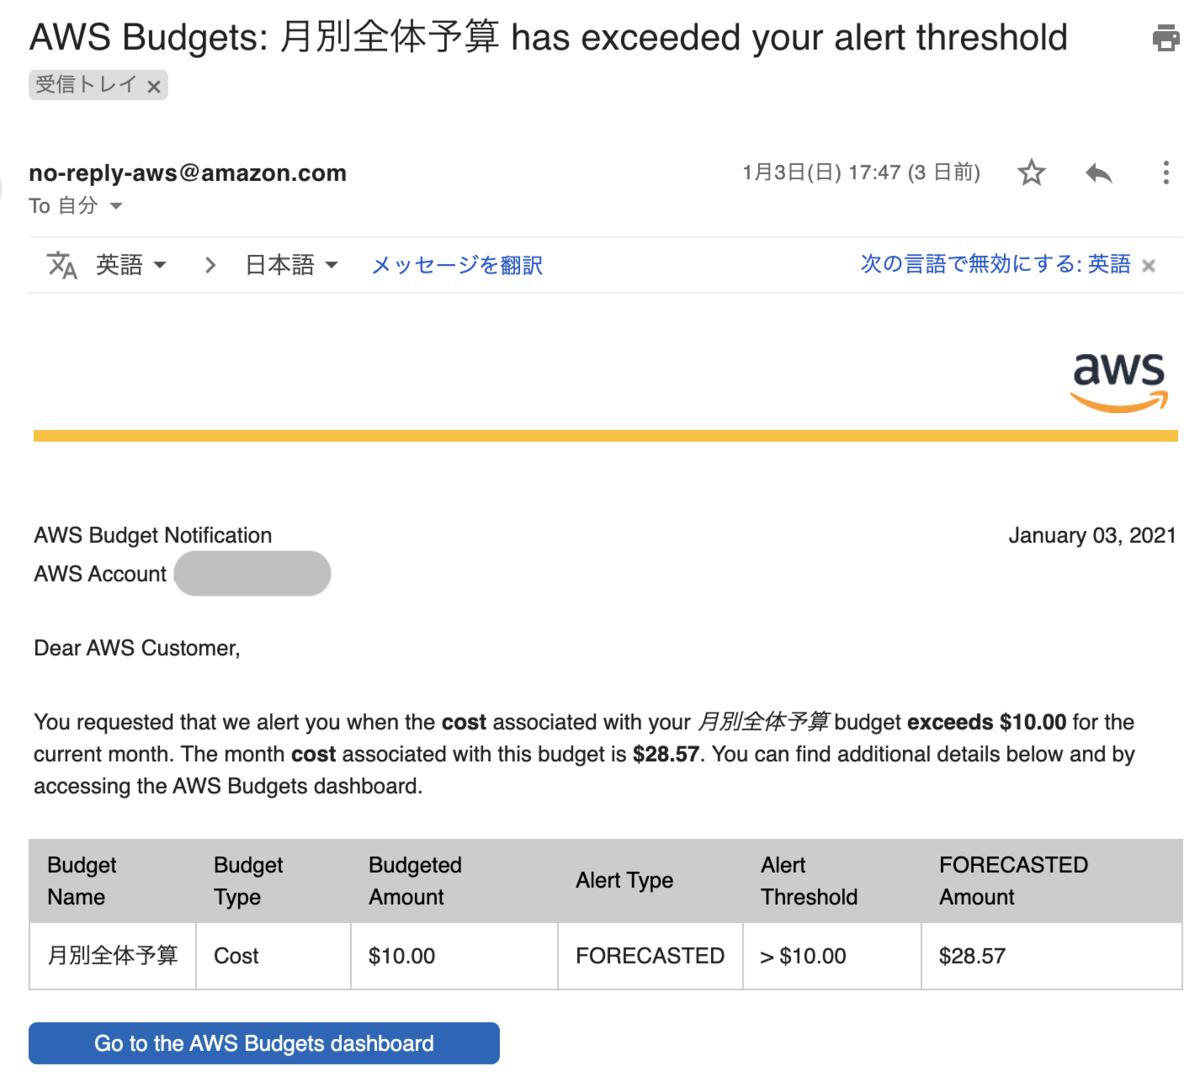 月末の予測請求額が28ドルであることを通知するメール